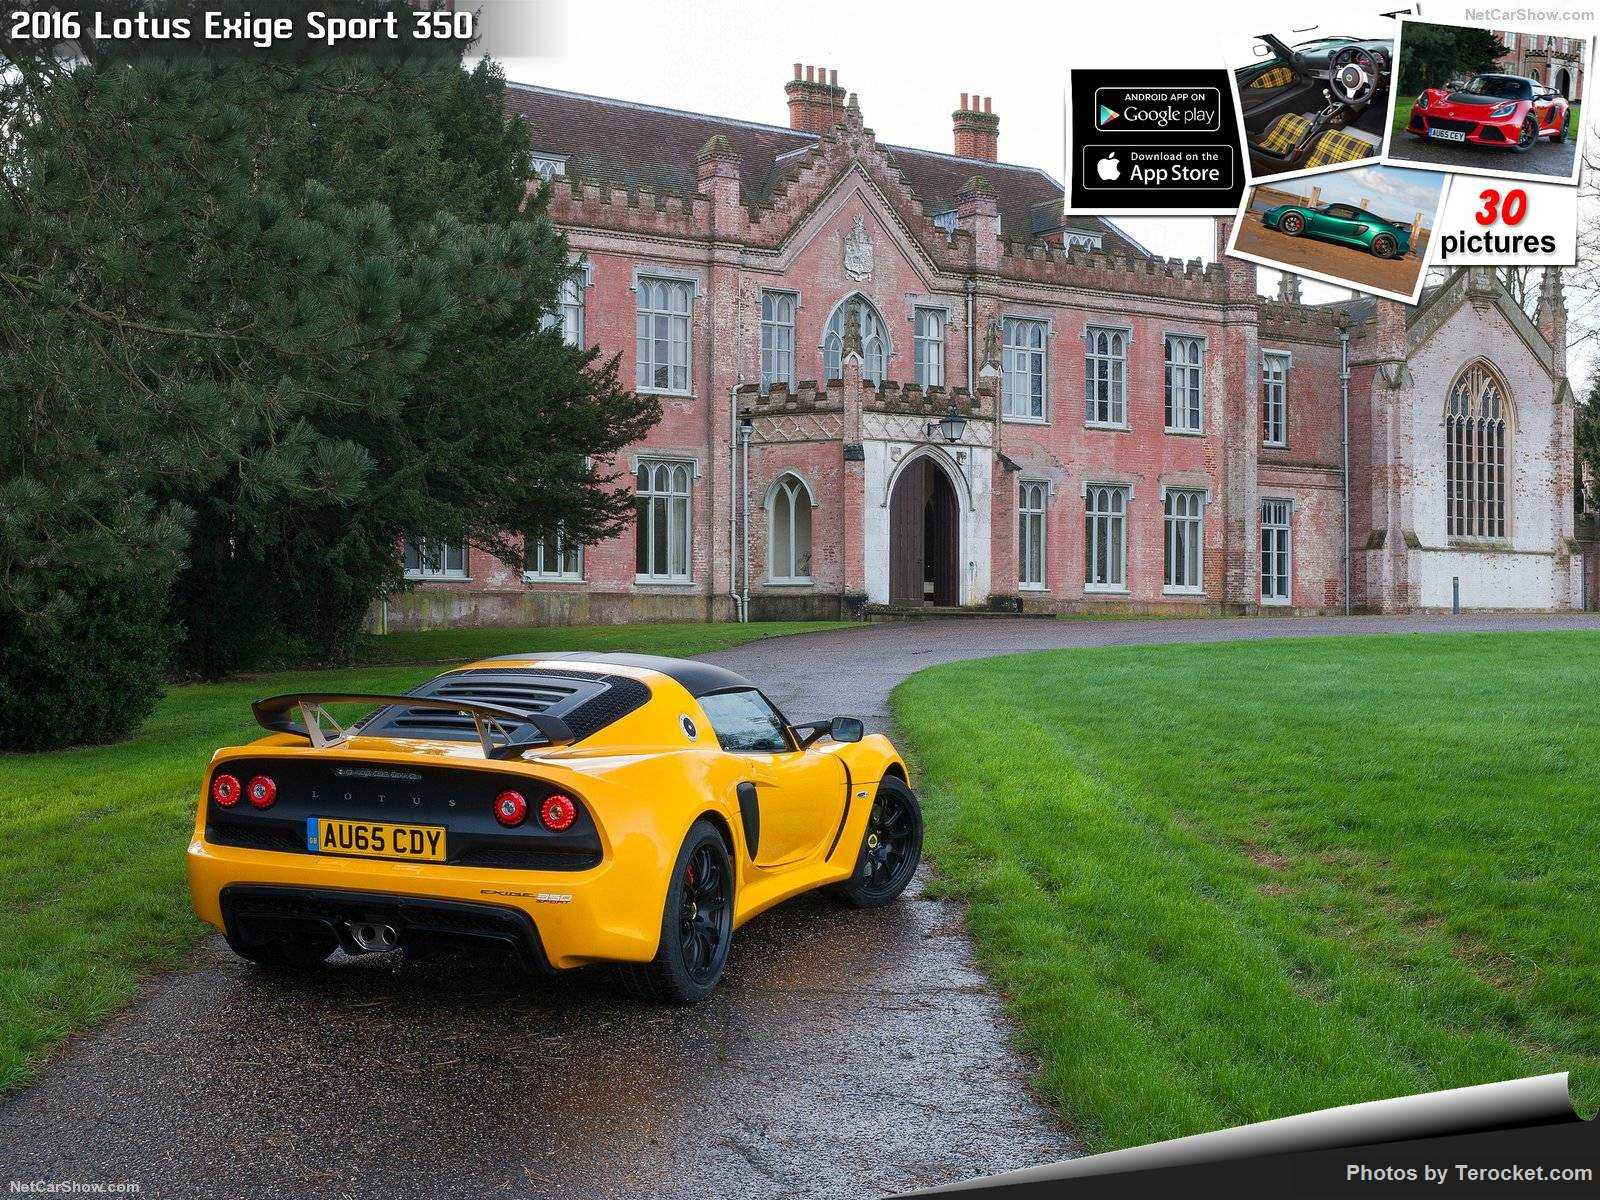 Hình ảnh siêu xe Lotus Exige Sport 350 2016 & nội ngoại thất